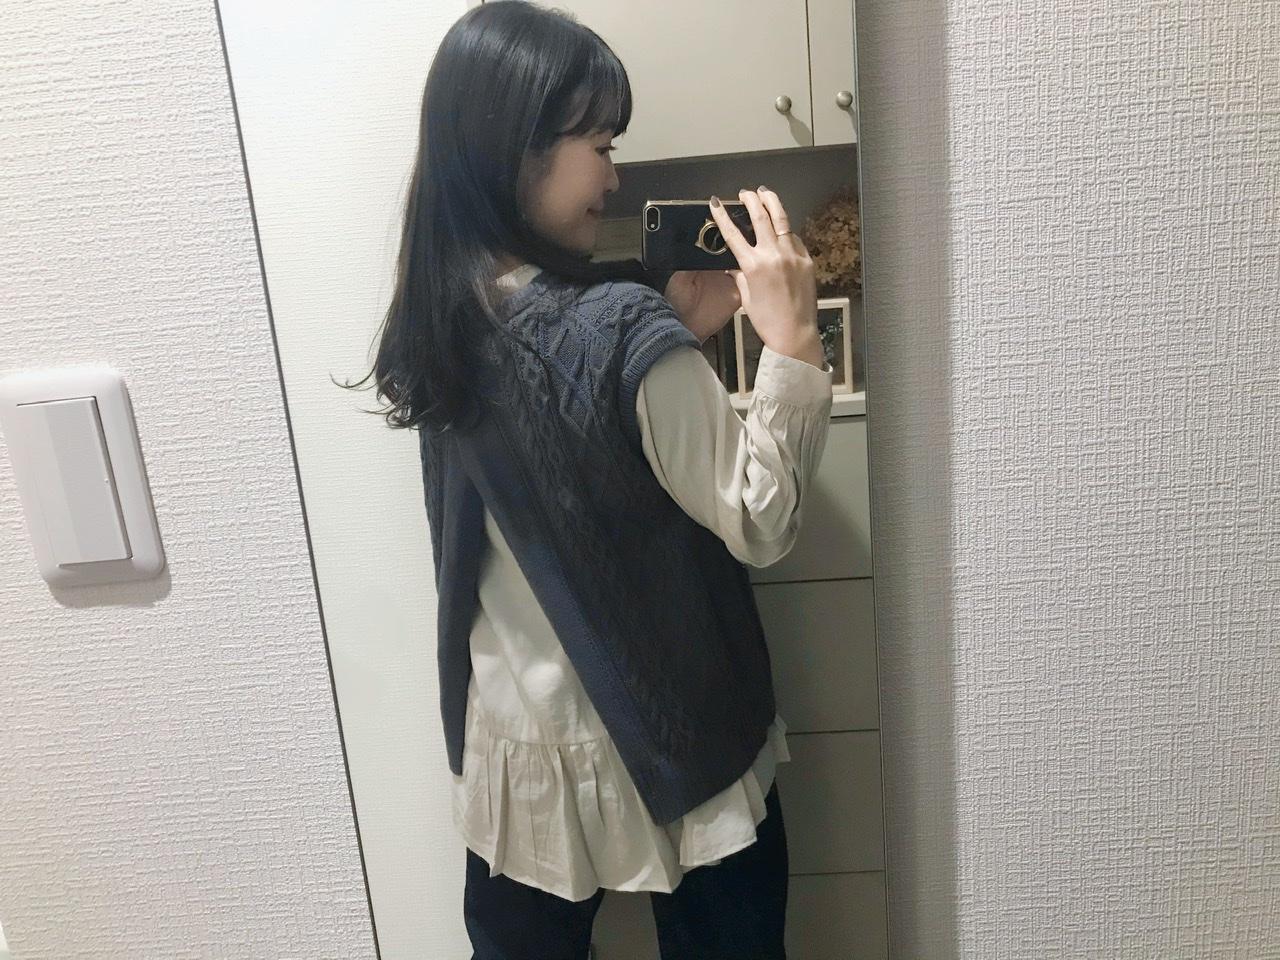 【GU】春の新作が可愛い!フリルシャツとニットベストのおすすめレイヤードコーデ✌︎♩_6